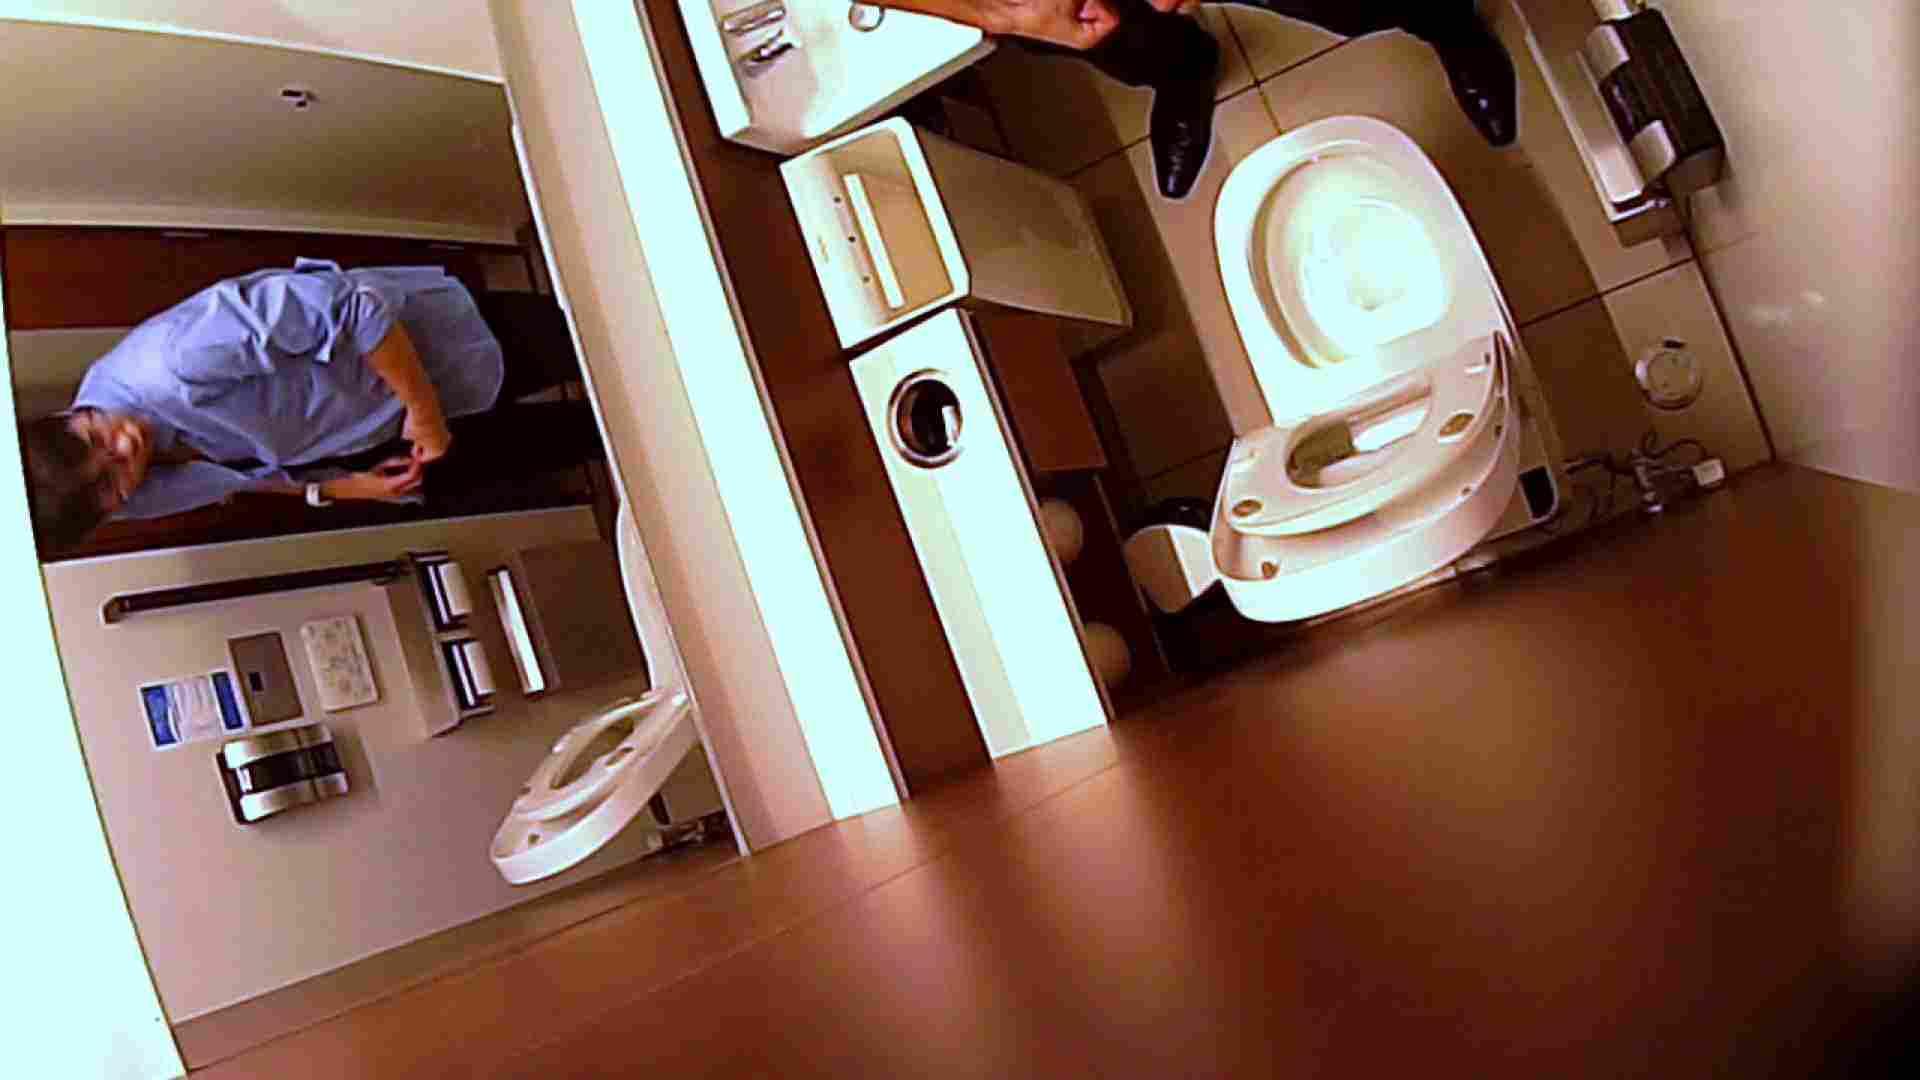 すみませんが覗かせてください Vol.31 トイレ | 0  94pic 45